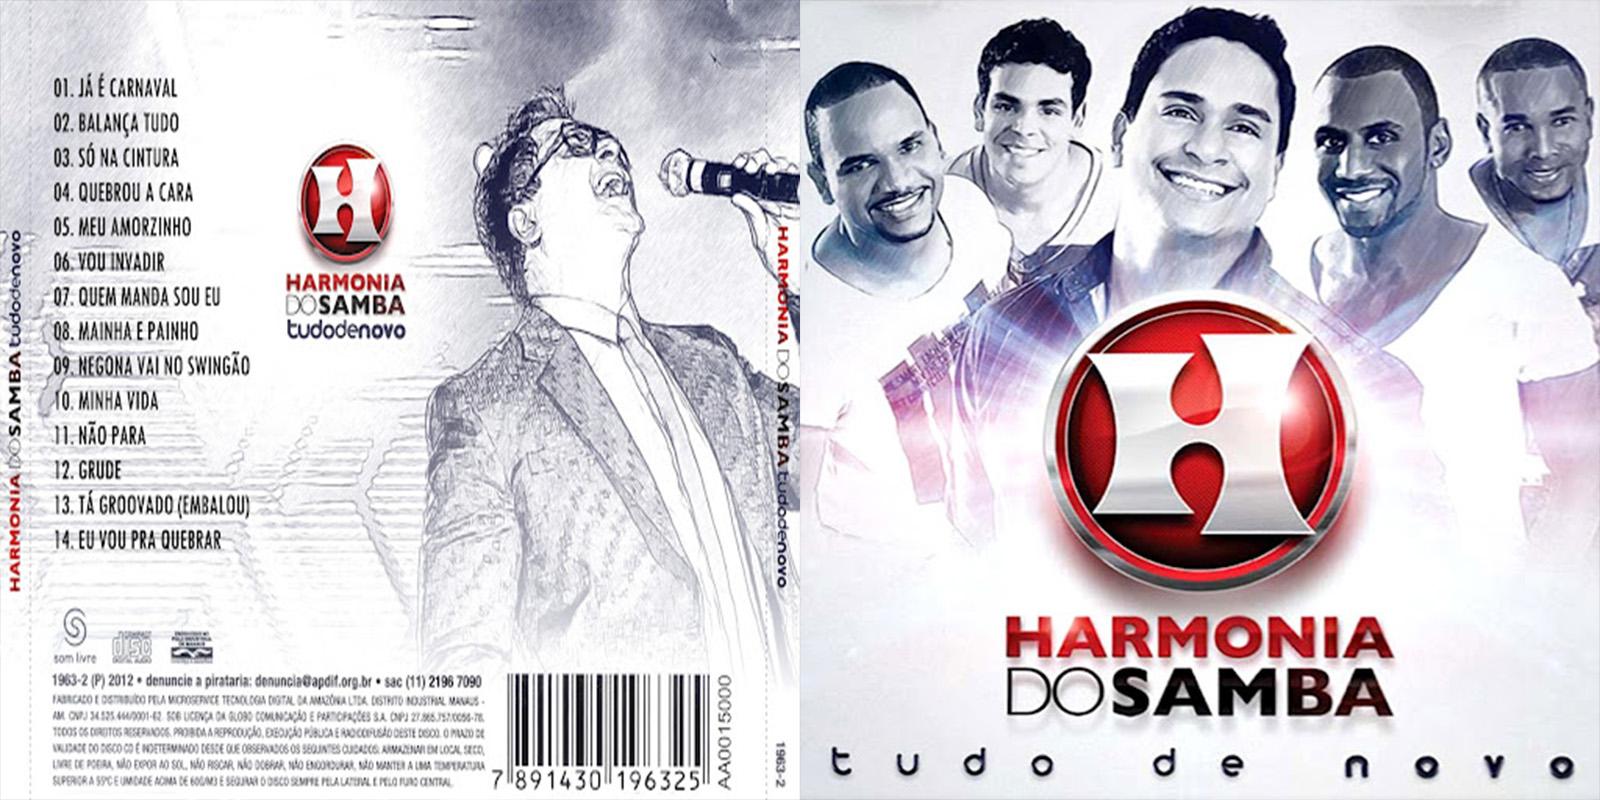 cd do harmonia do samba 2012 tudo de novo